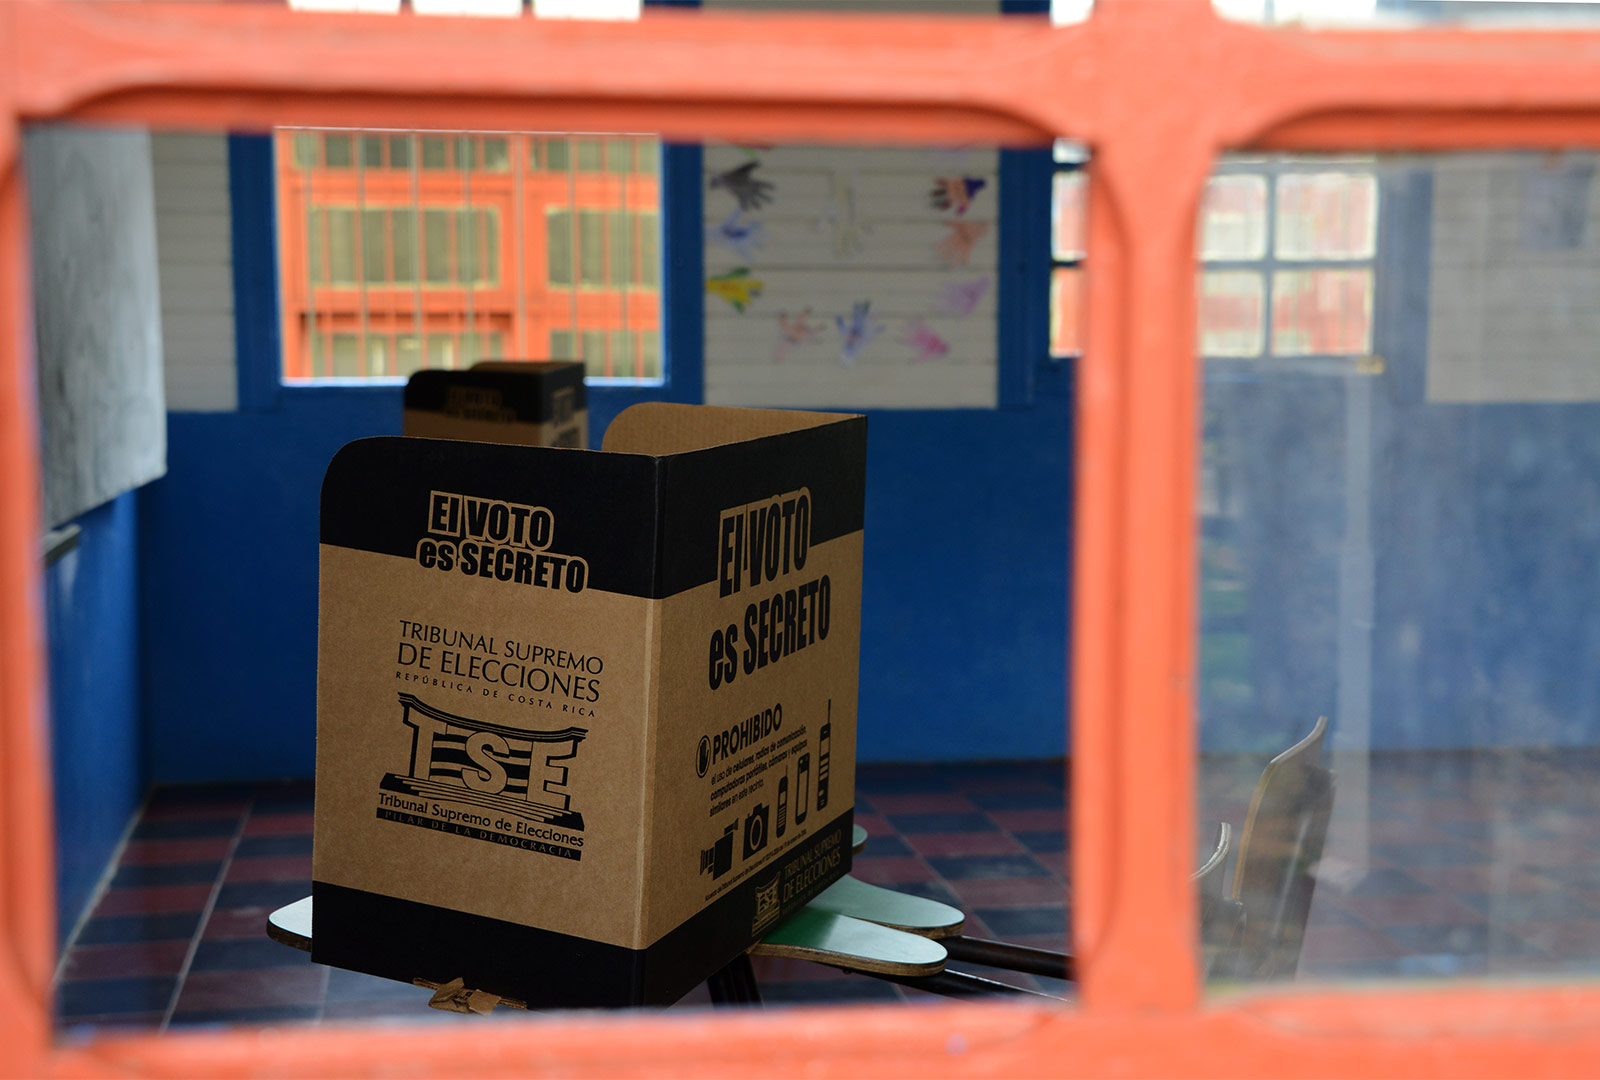 La principal preocupación de los electores costarricenses es el desempleo / Foto: Universidad de Costa Rica